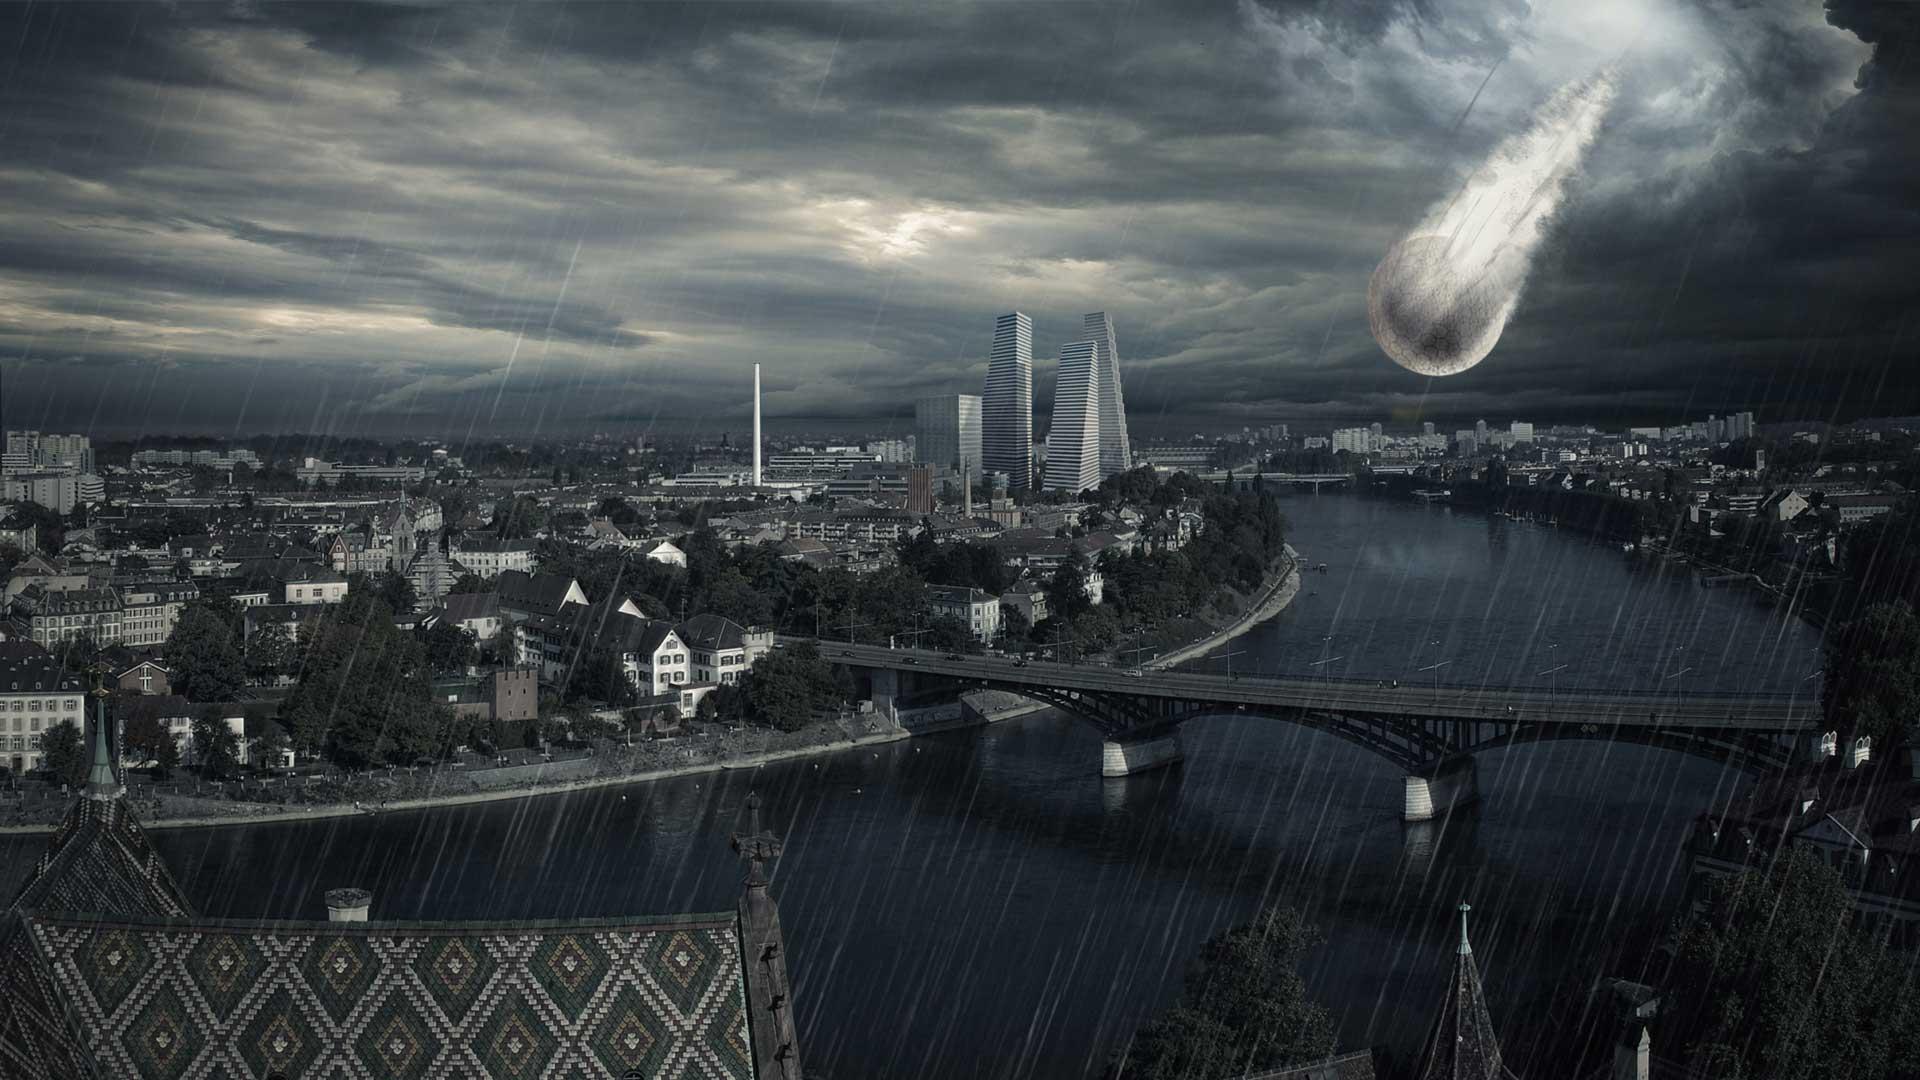 Riesiges Objekt stürzt auf Basel und löst eine gewaltige Katastrophe aus.